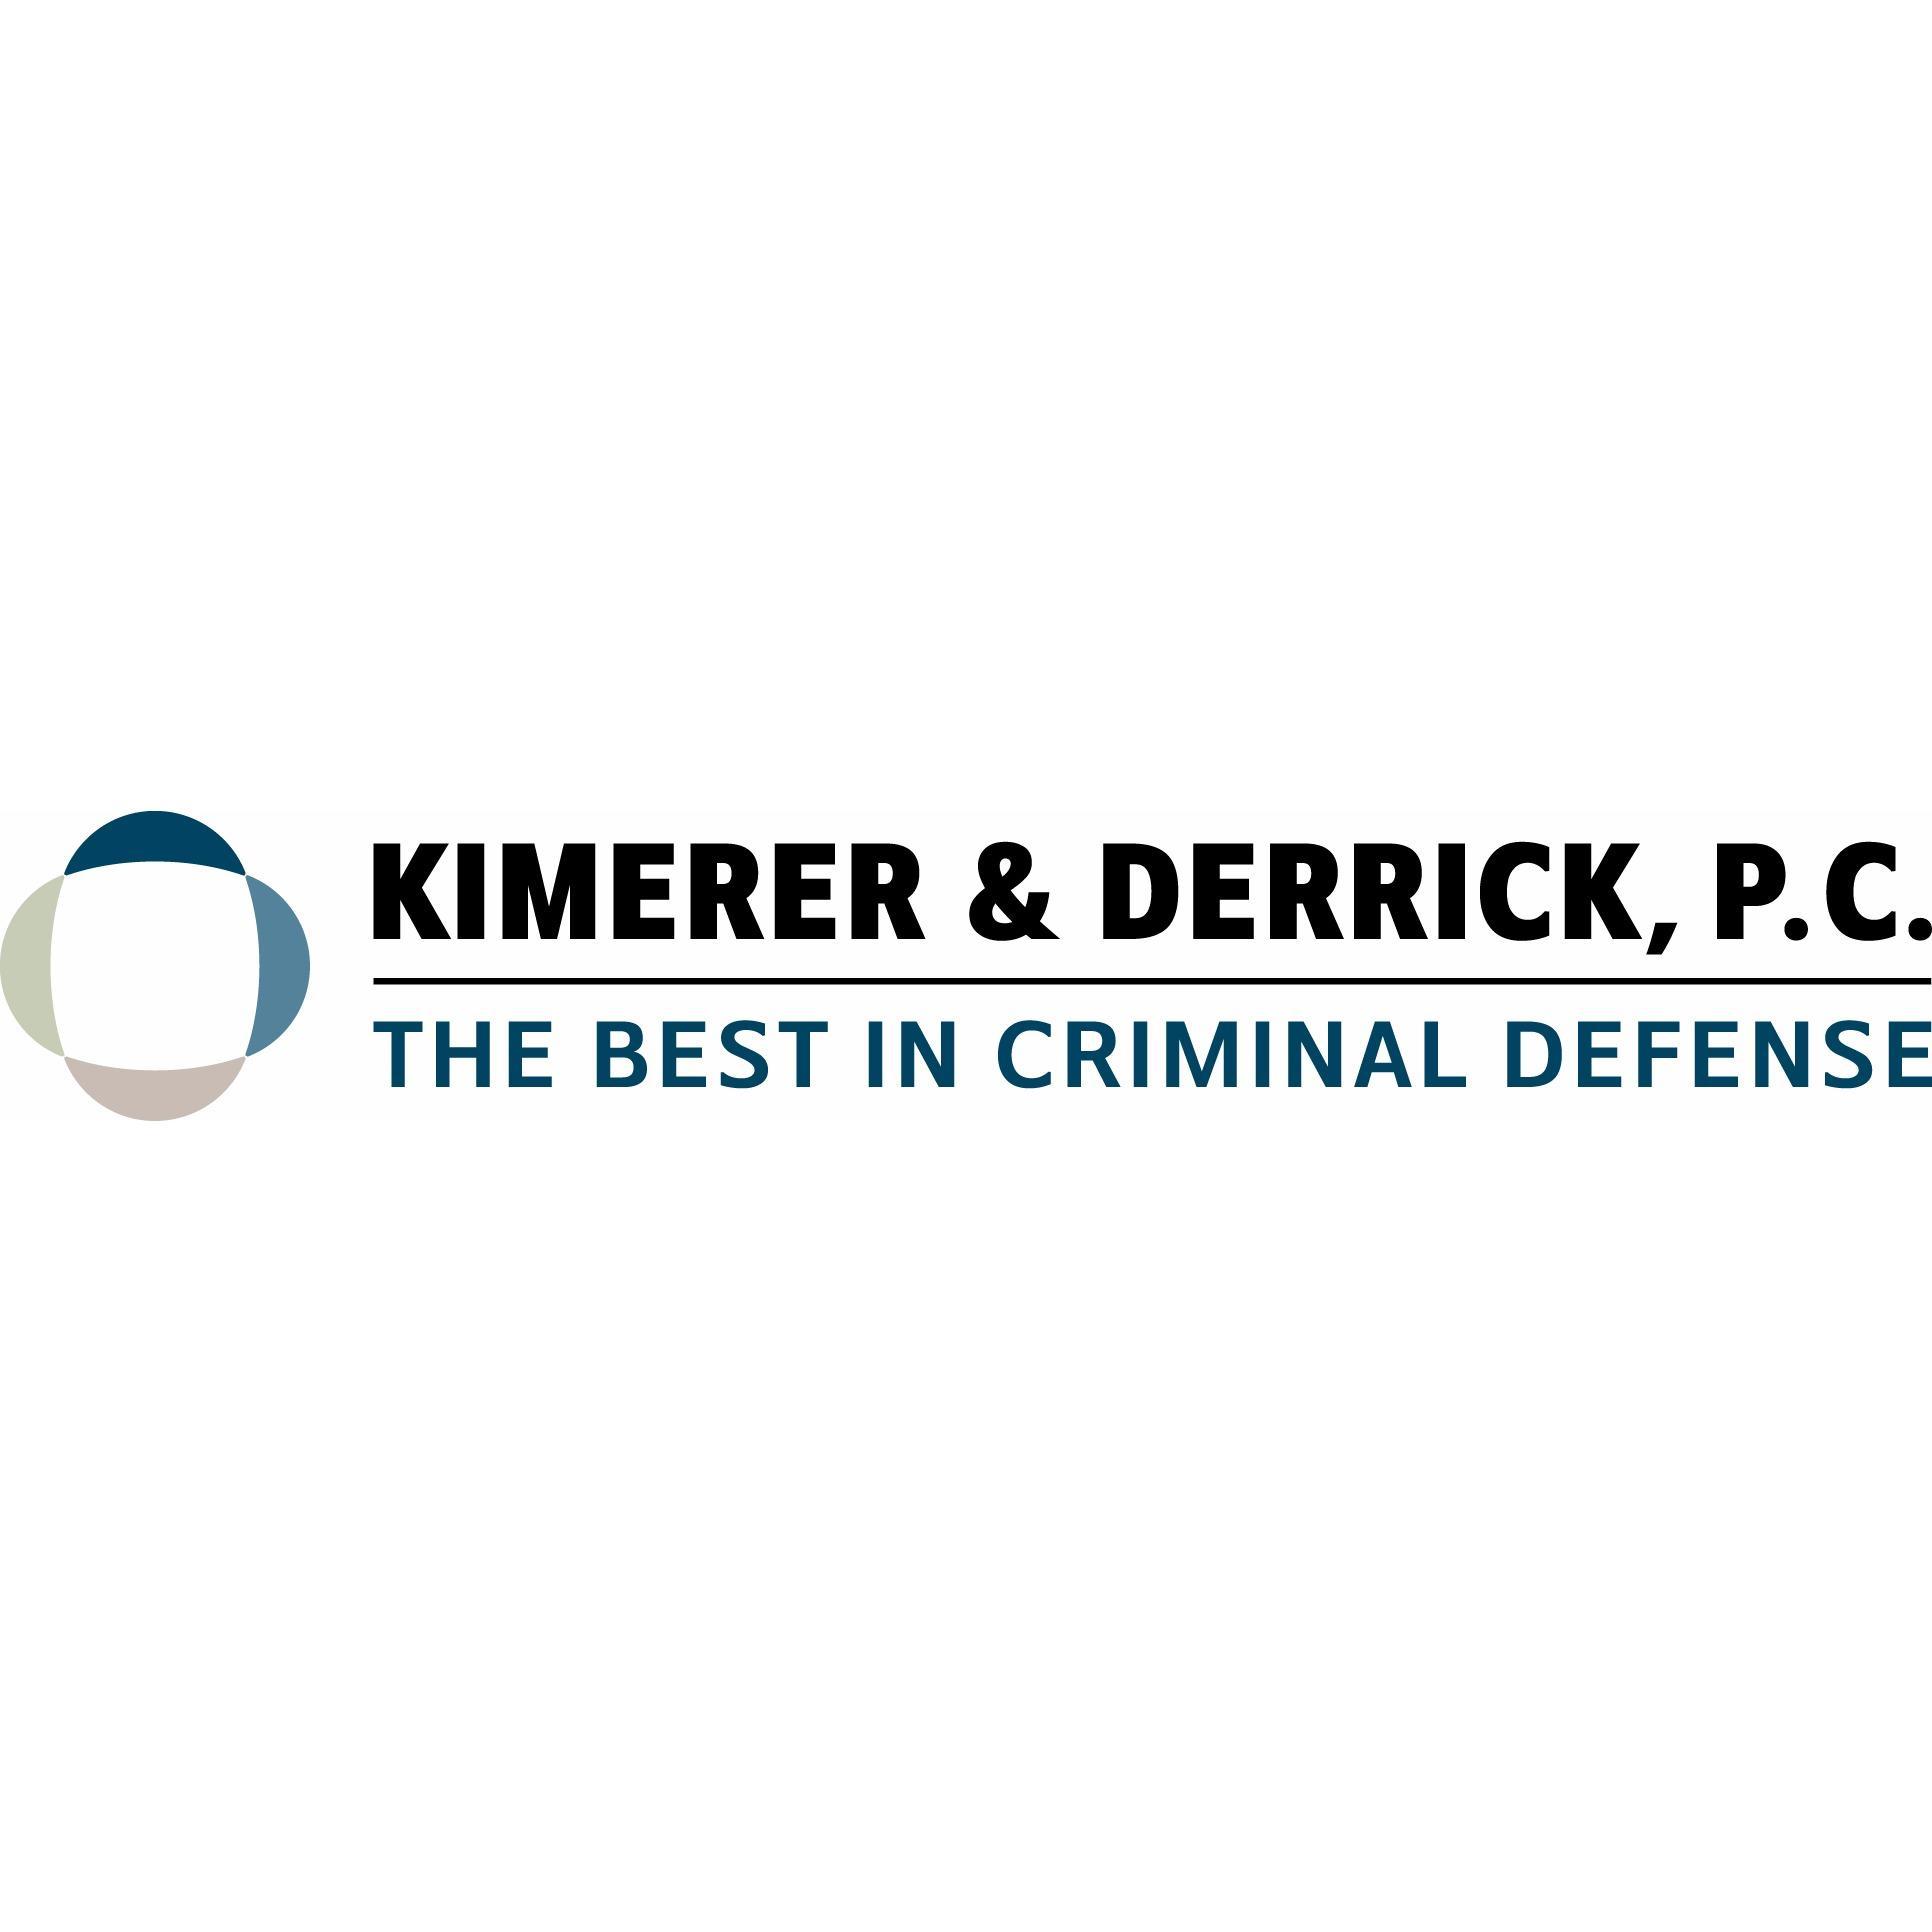 Kimerer & Derrick